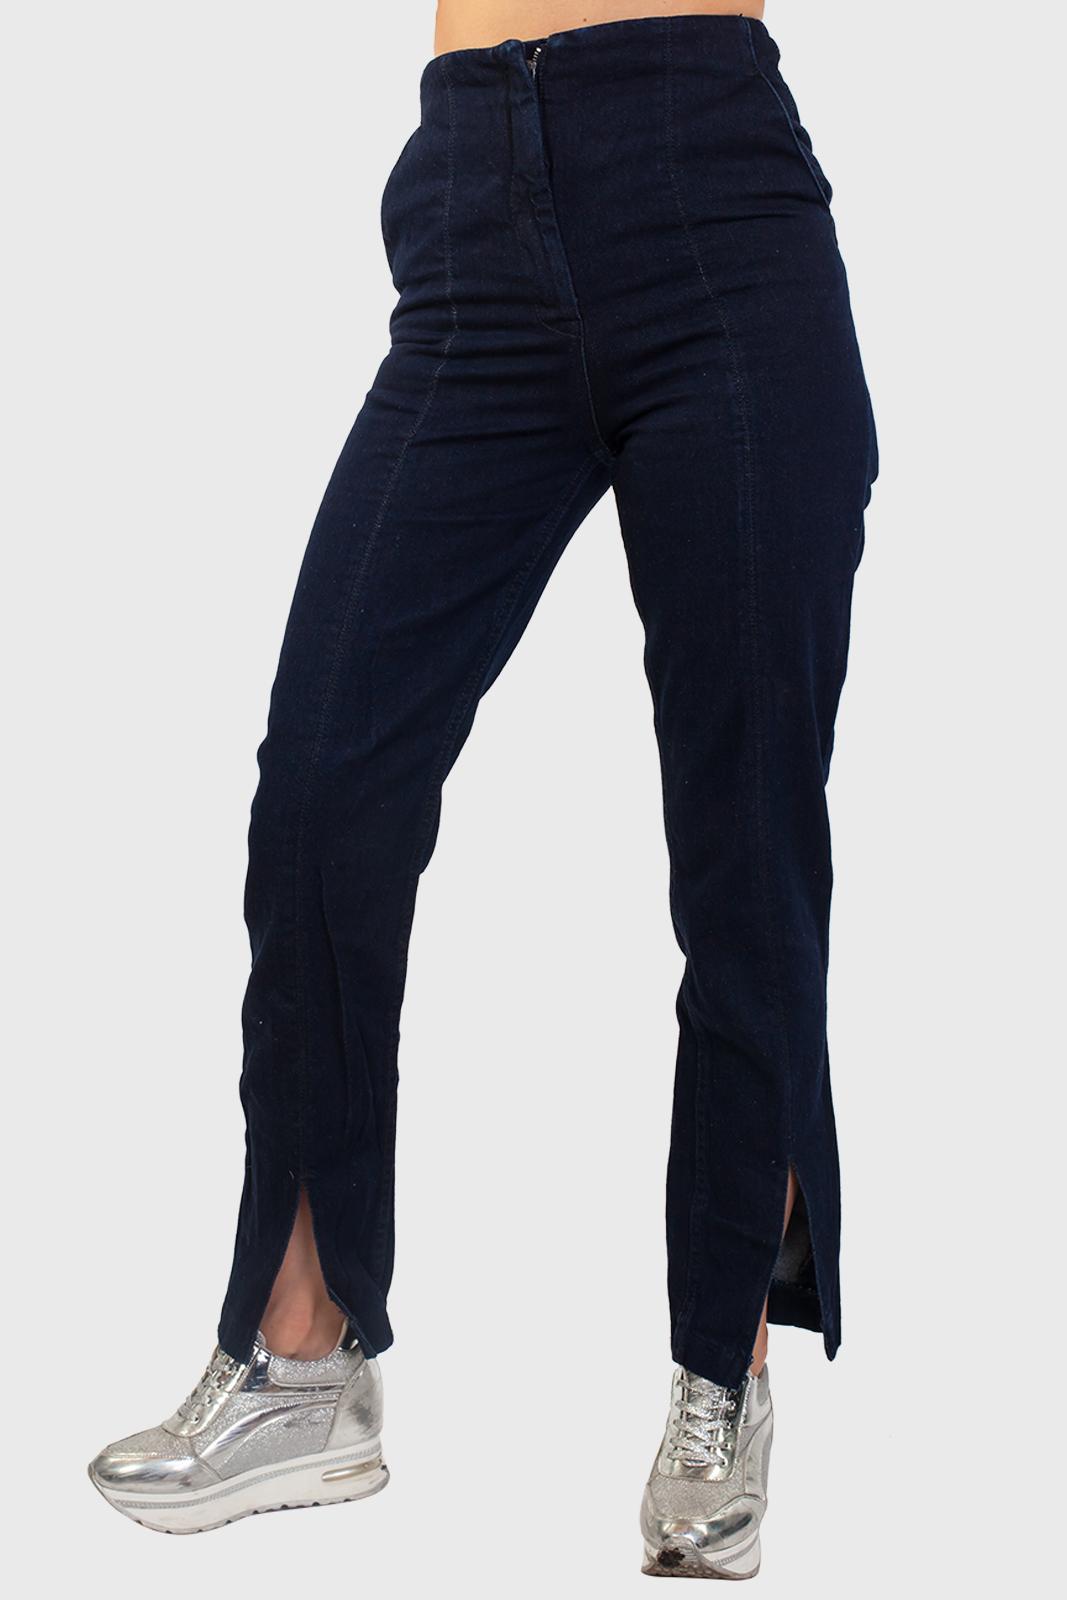 Темно-синие прямые женские джинсы